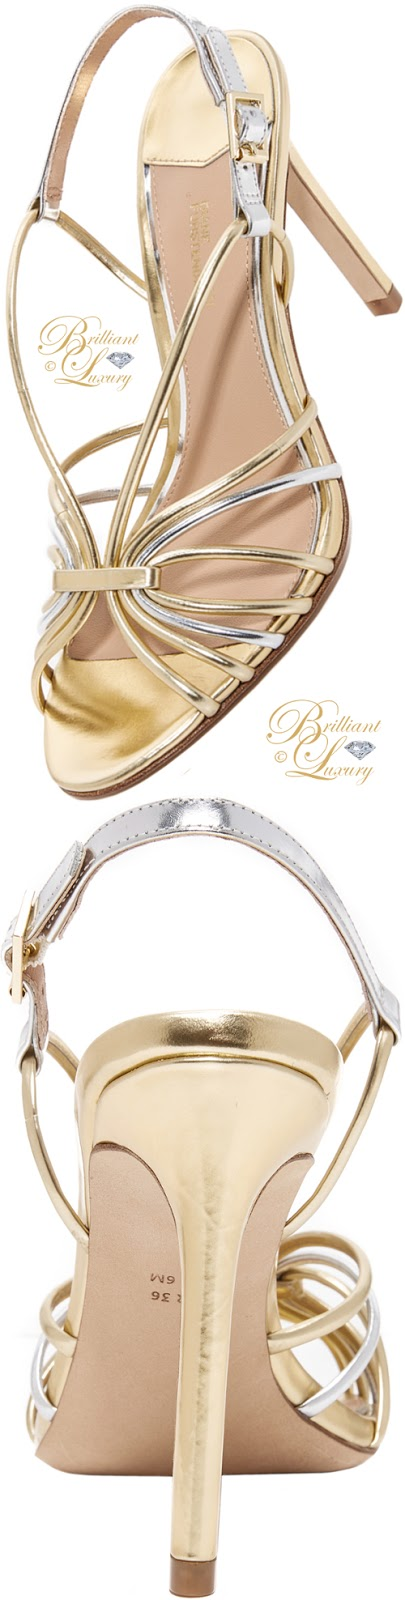 Brilliant Luxury ♦ Diane von Furstenberg Milena slingback strap sandals